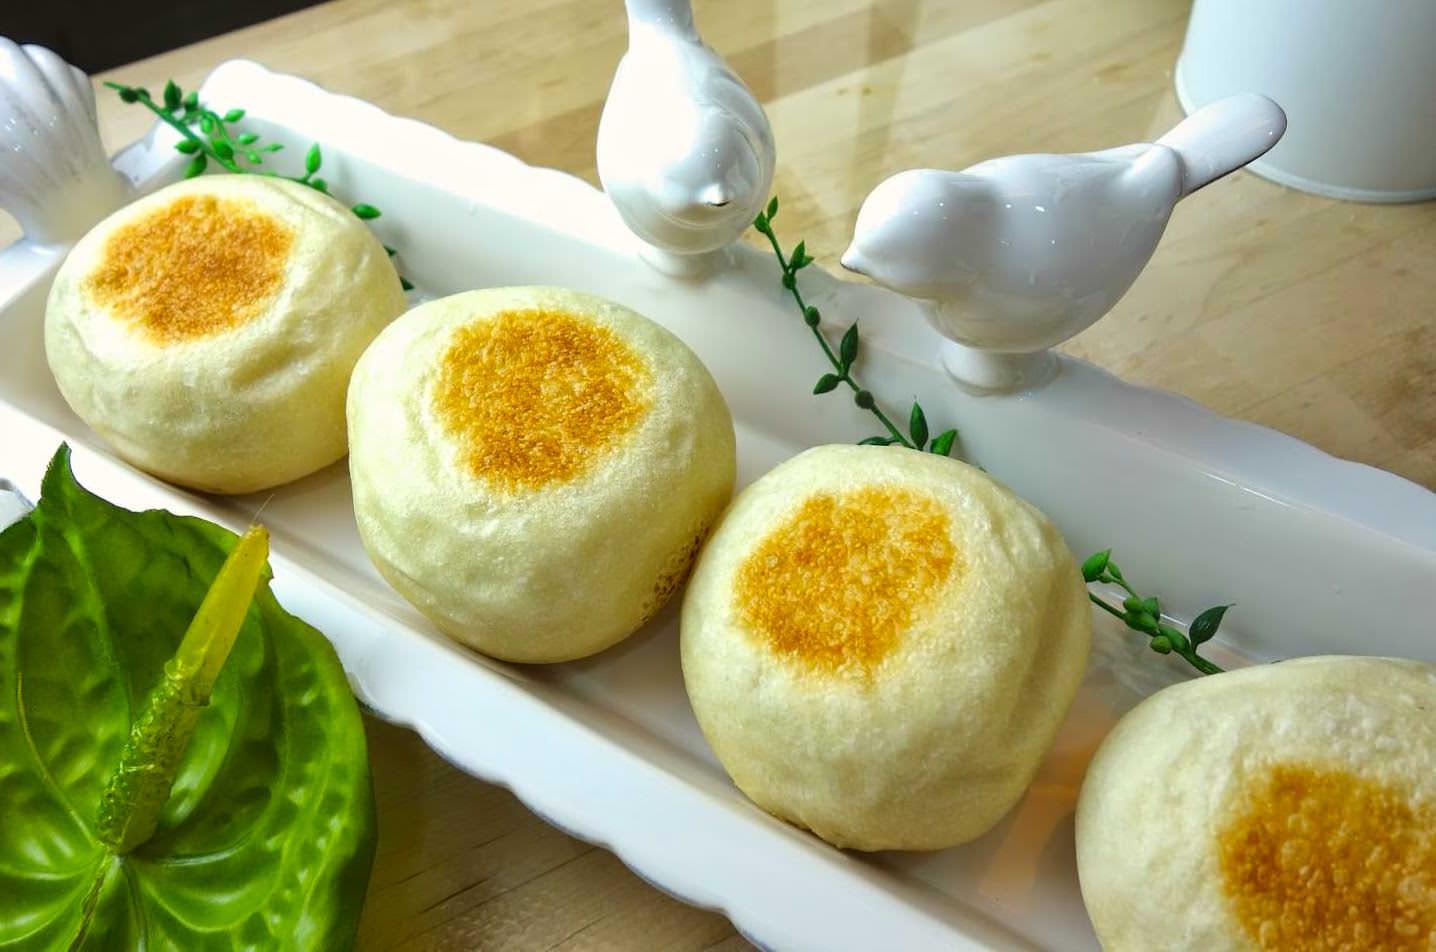 「平底鍋就能做麵包?」免揉麵團免烤箱,只要學會一個技巧就能輕鬆做!